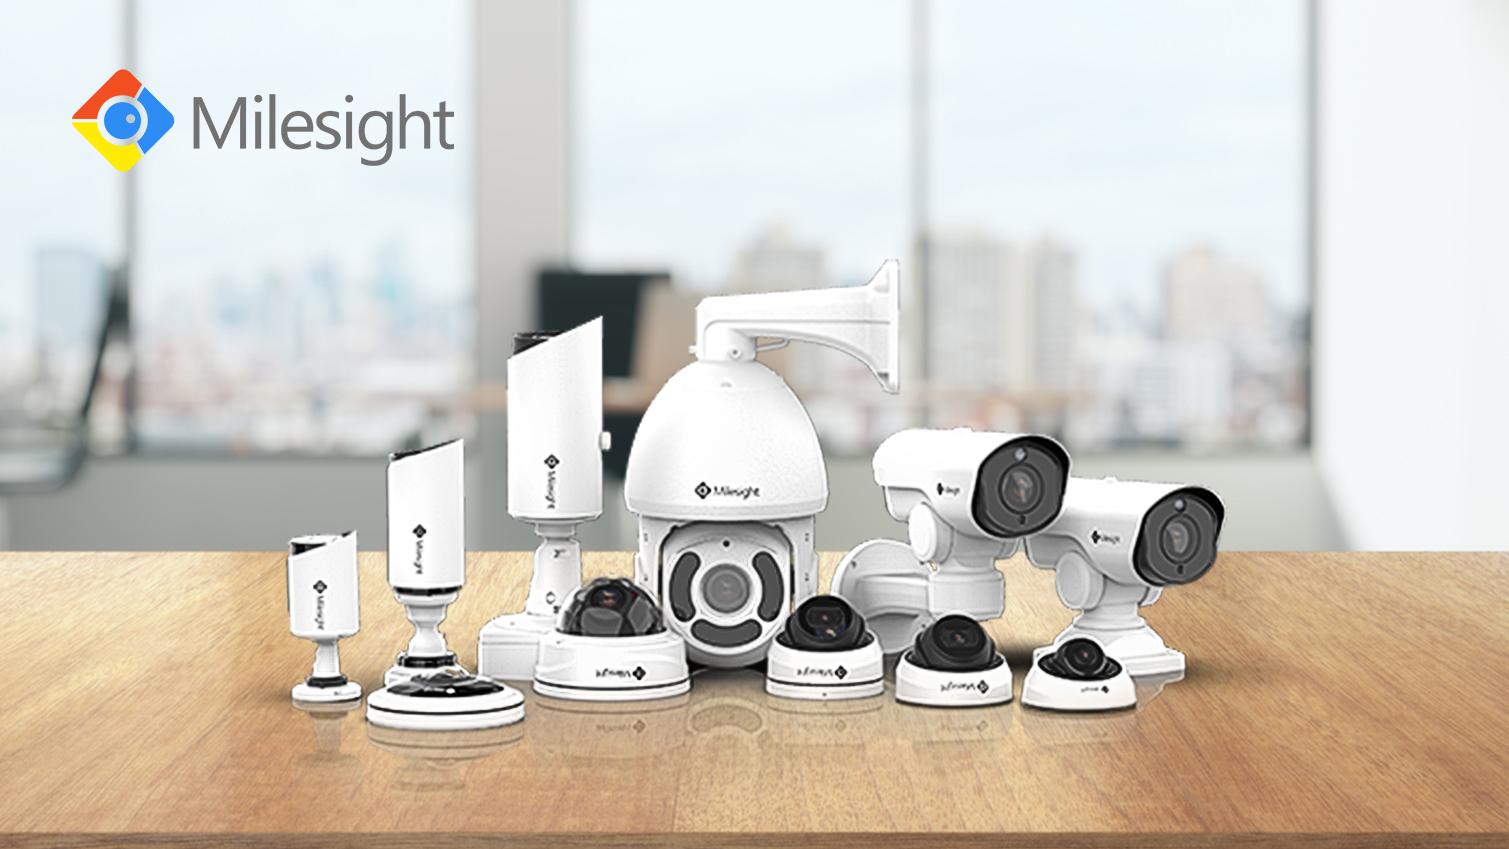 همه چیز در رابطه با دوربین مایل سایت milesight